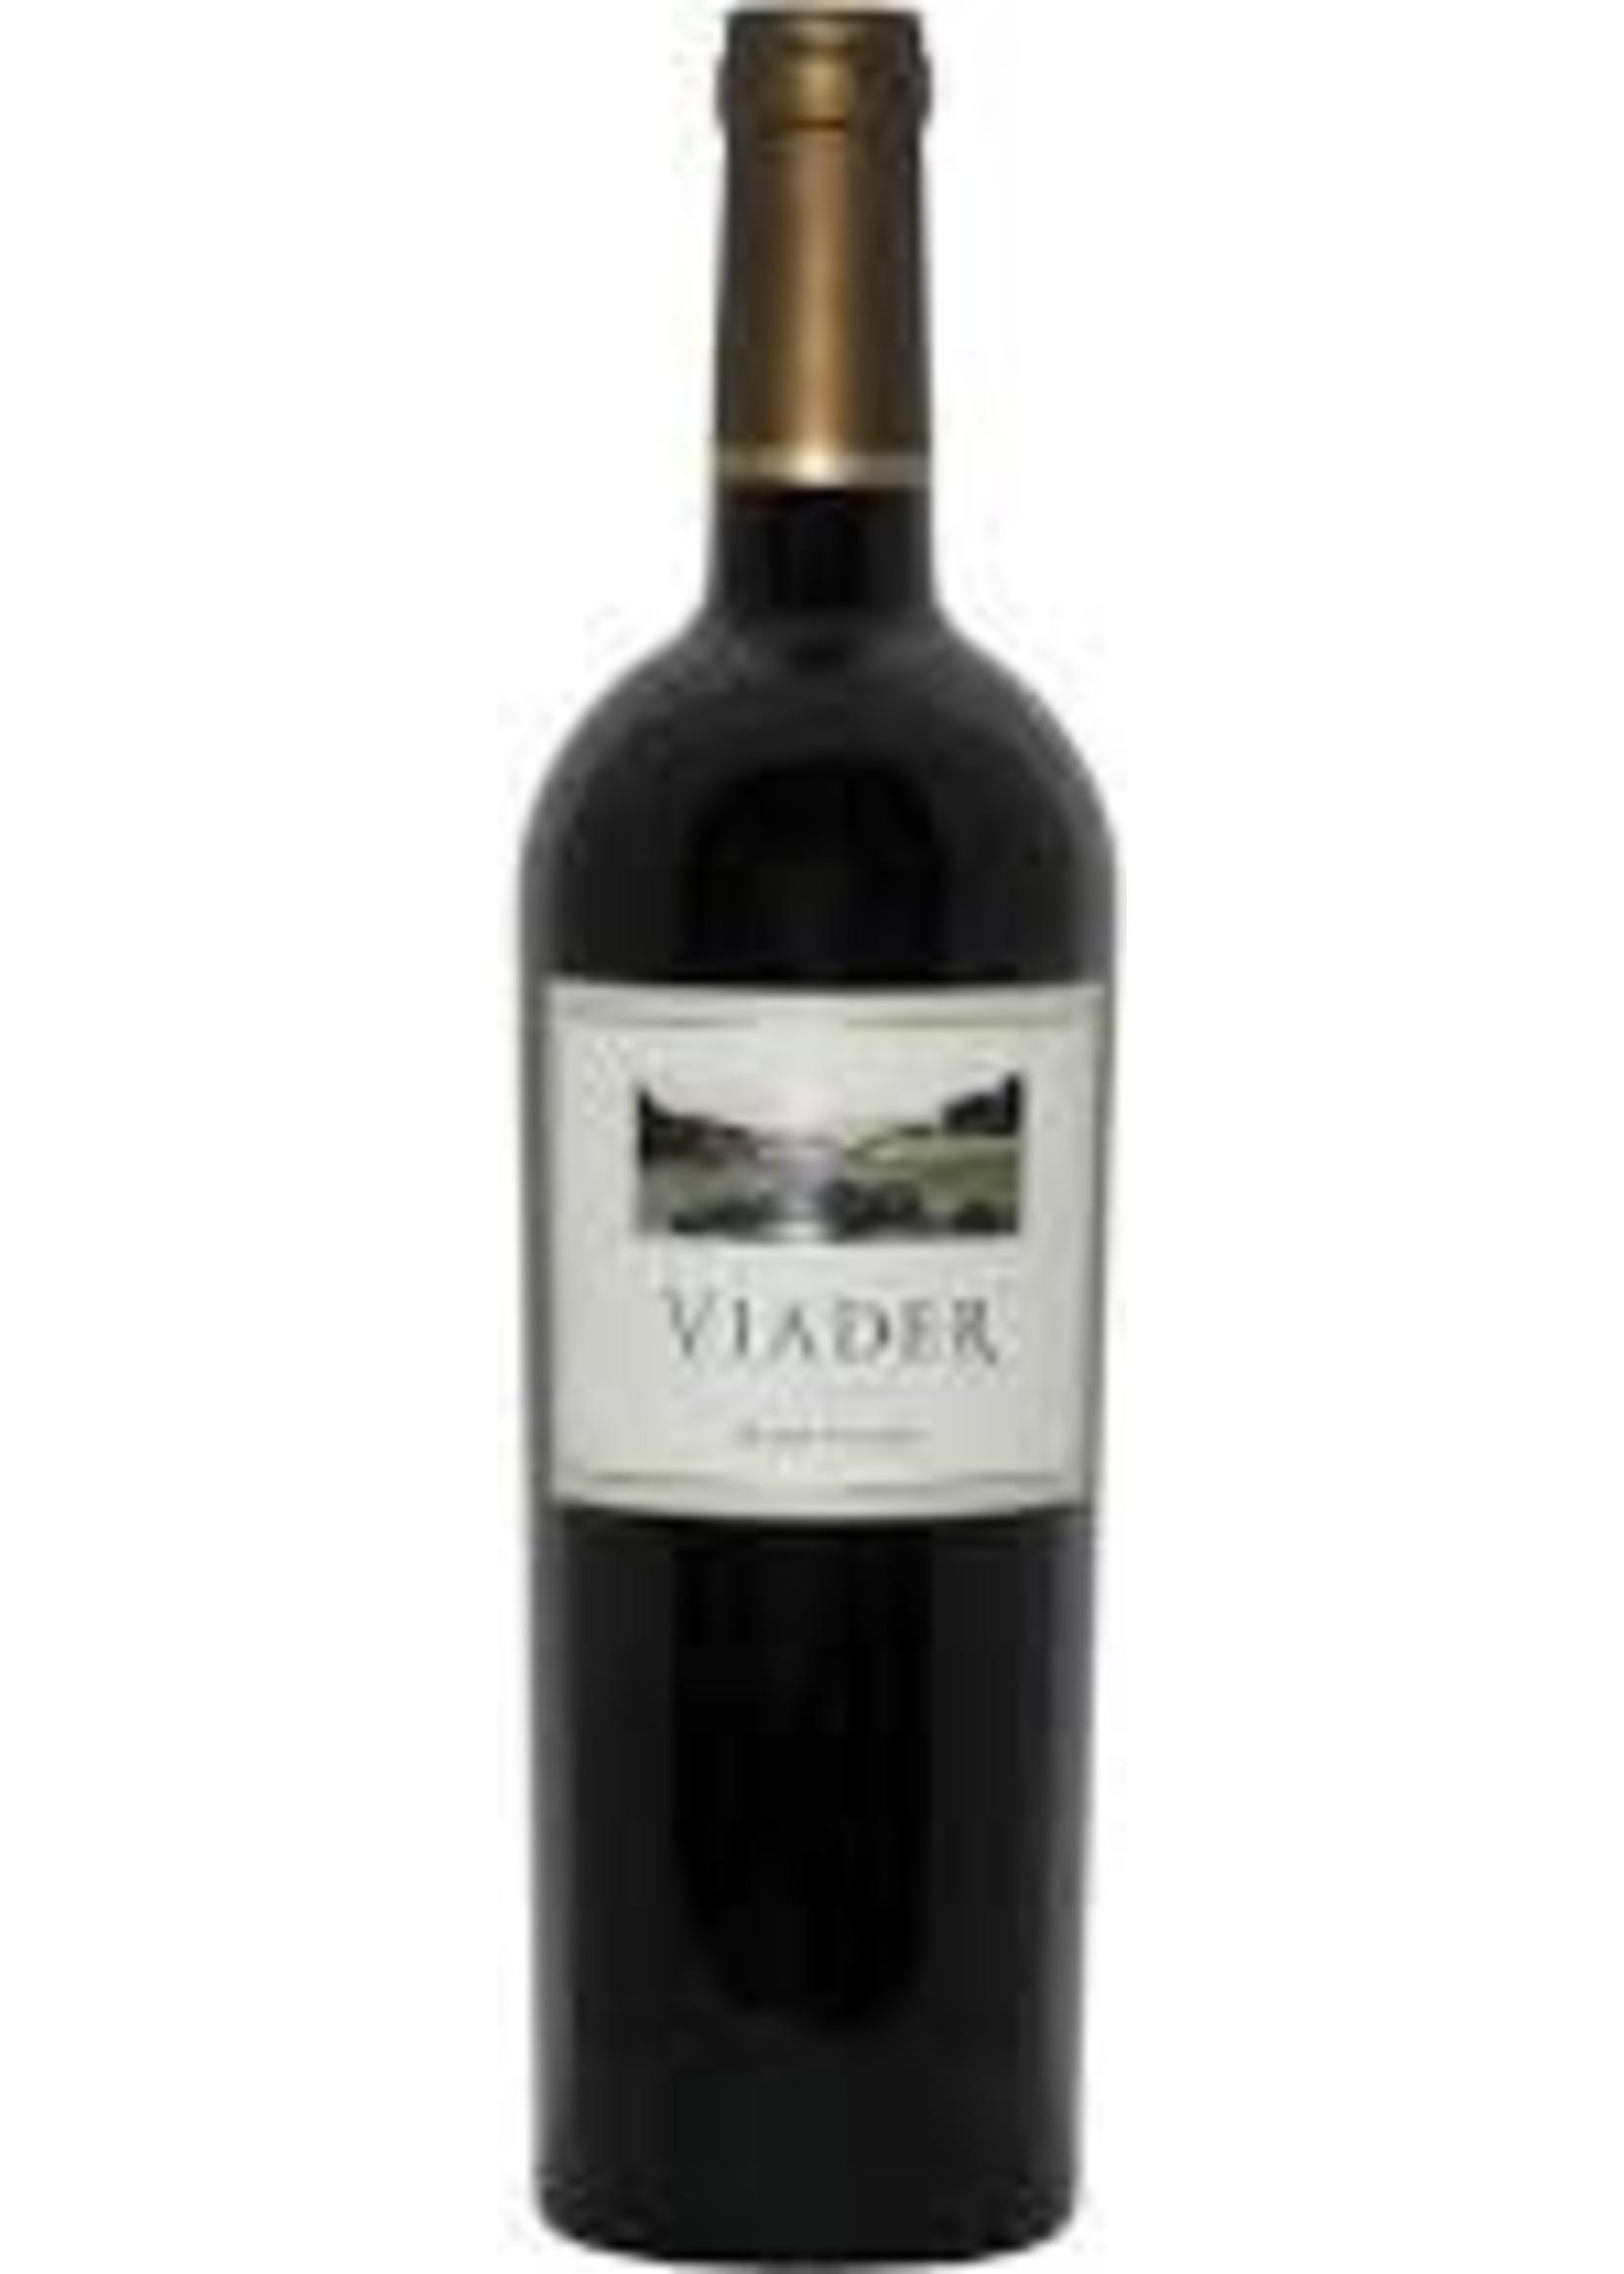 Viader 2015 Proprietary Red 750ml